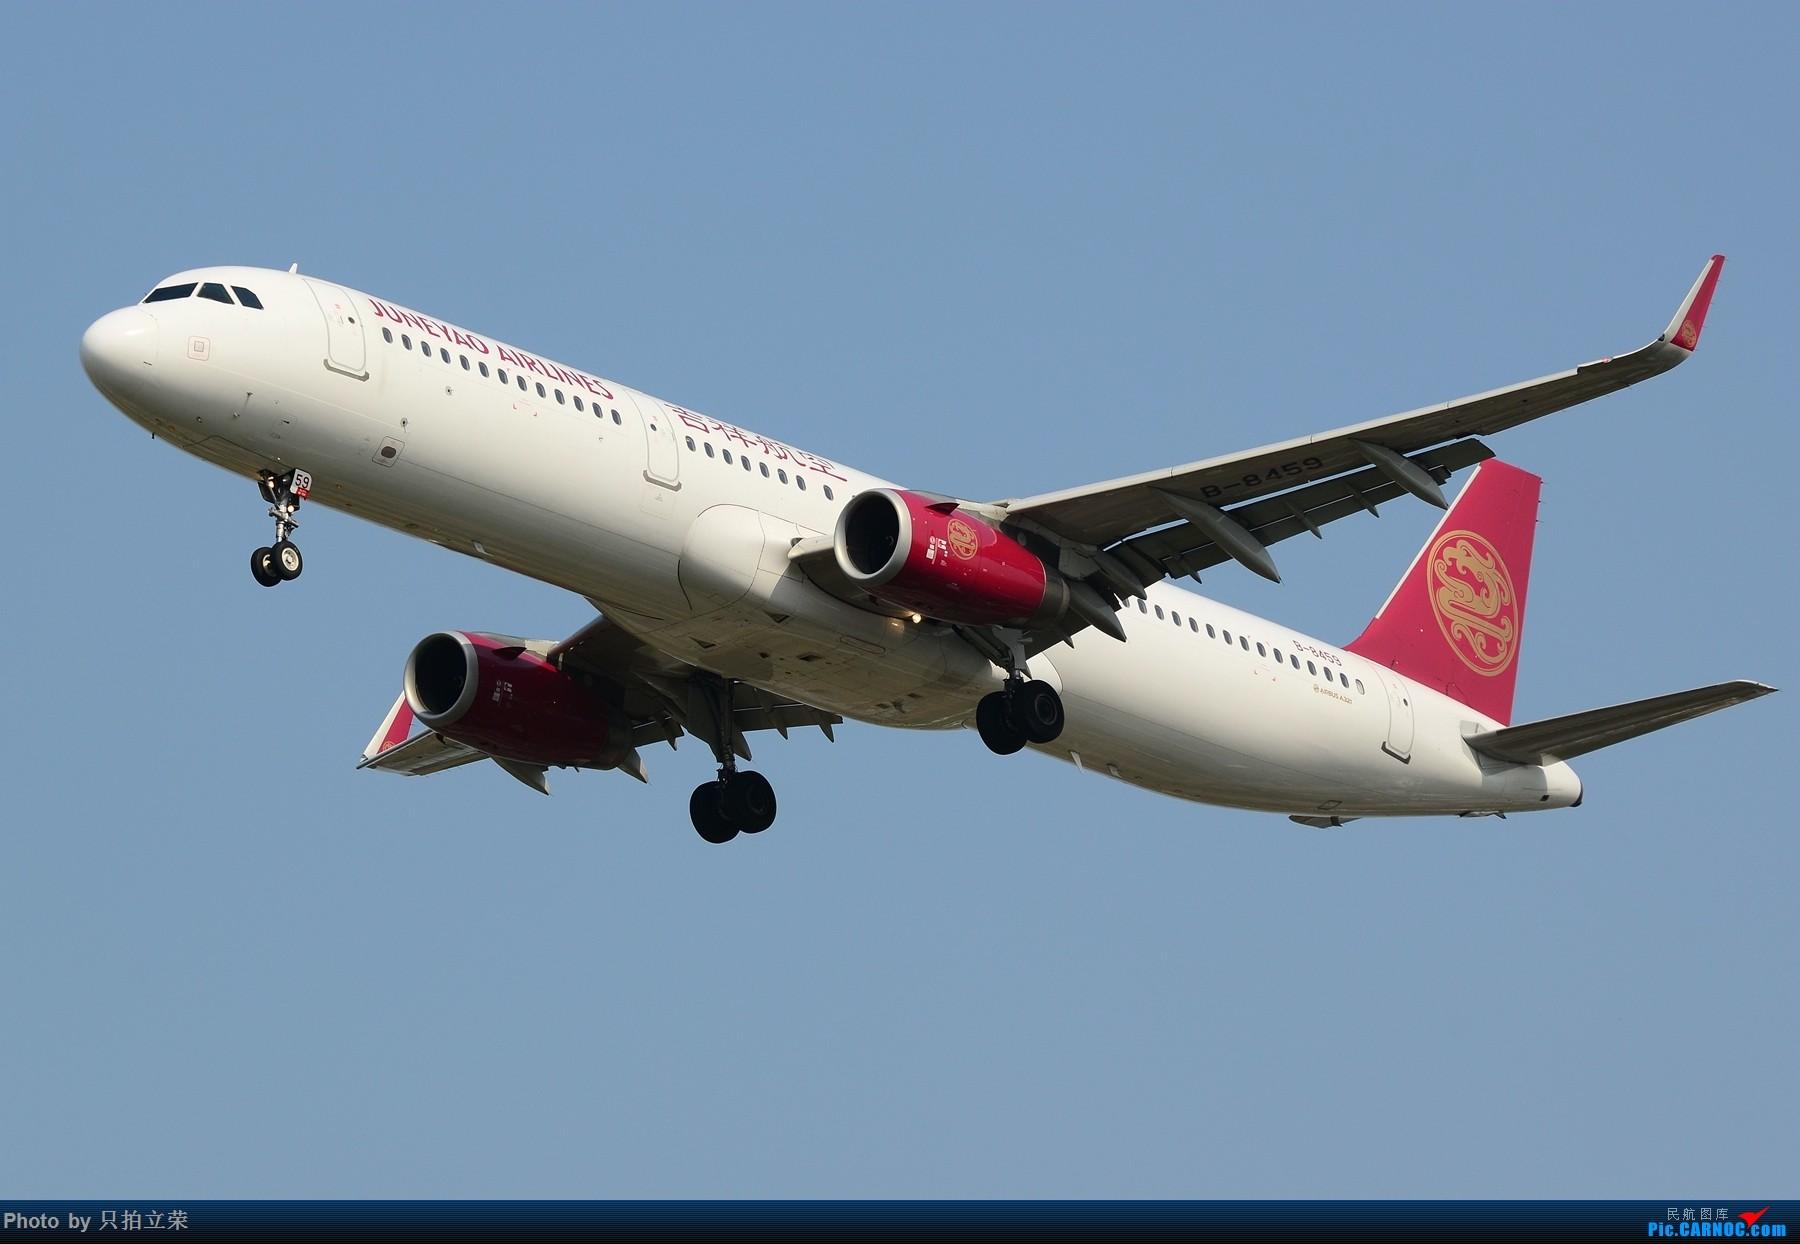 Re:[原创]湖南飞友会:黄花机场首拍飞行的青岛航空,另外好天气不可辜负多送几张好飞机 AIRBUS A321-200 B-8459 中国长沙黄花国际机场